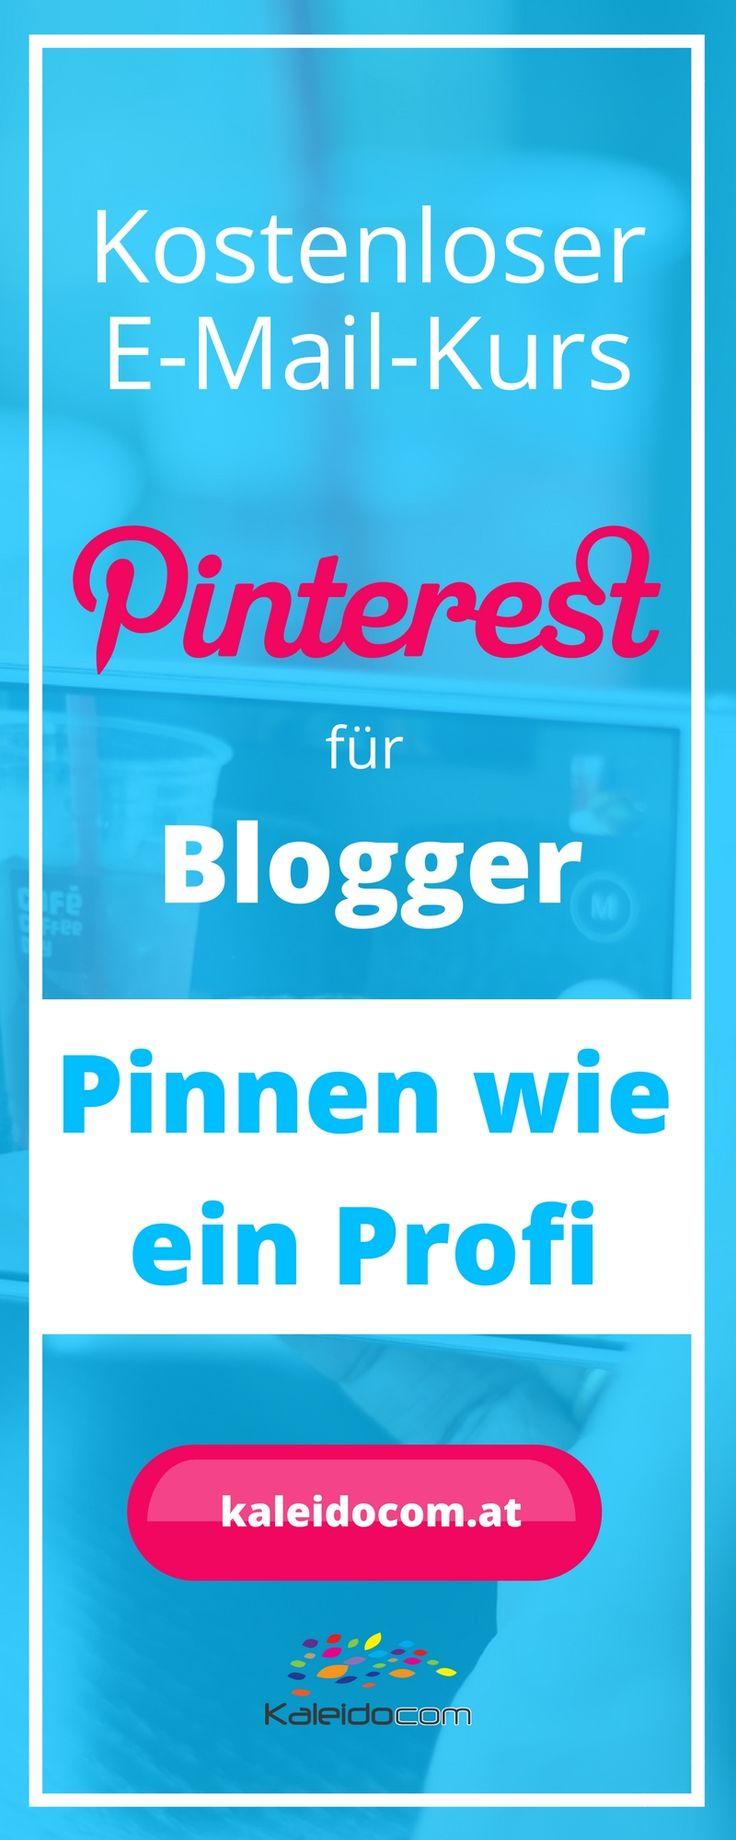 Heute noch anfangen und Pinterest strategisch nutzen! Kostenloser E-Mail-Kurs mit zahlreichen Tipps und Tricks. #pinteresttipp #pinterestmarketing